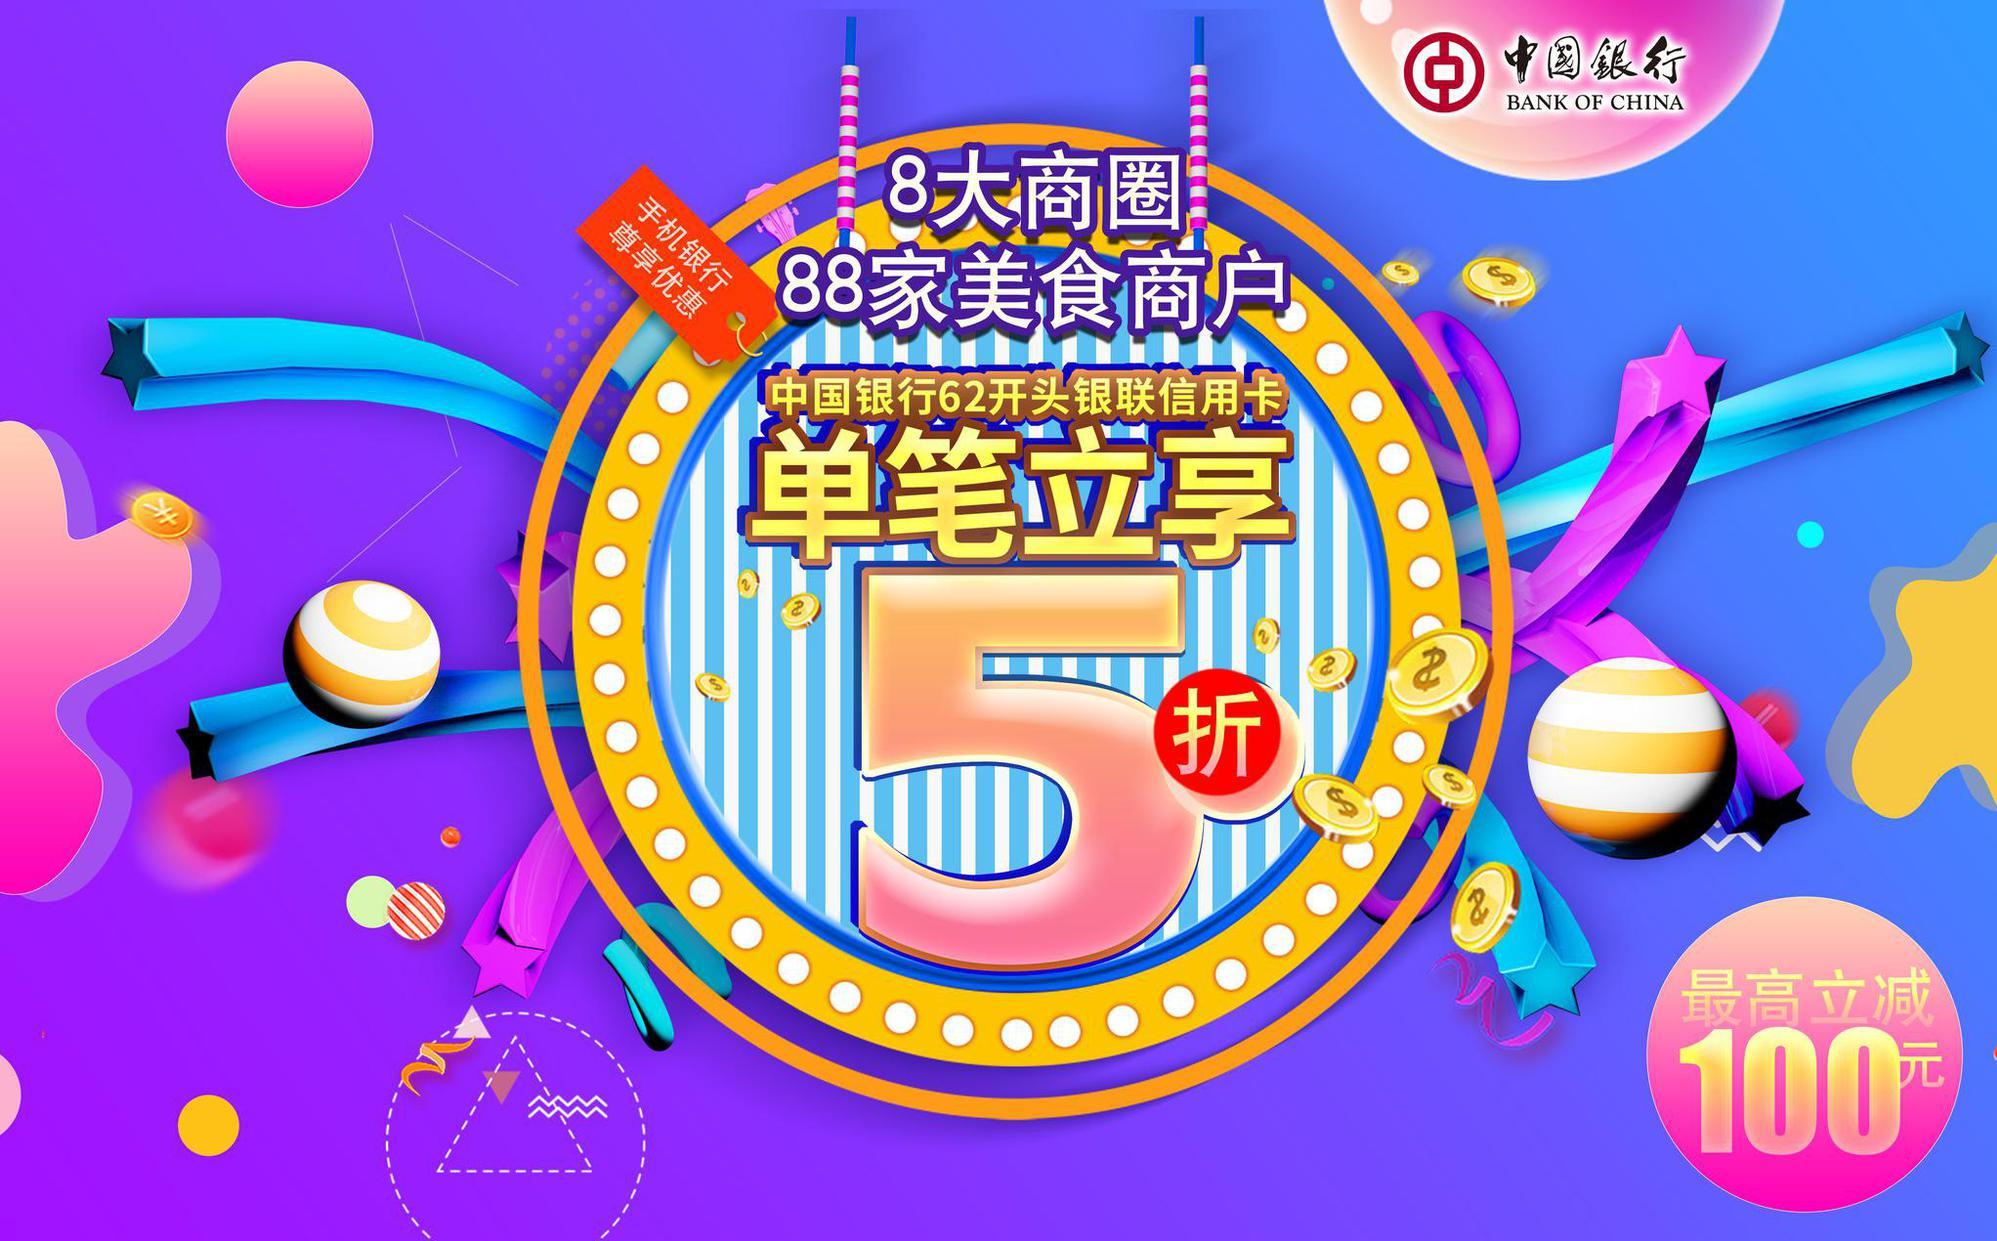 惠聚中行日|美食5折优惠,申博菲律宾太阳城33最高立减100元